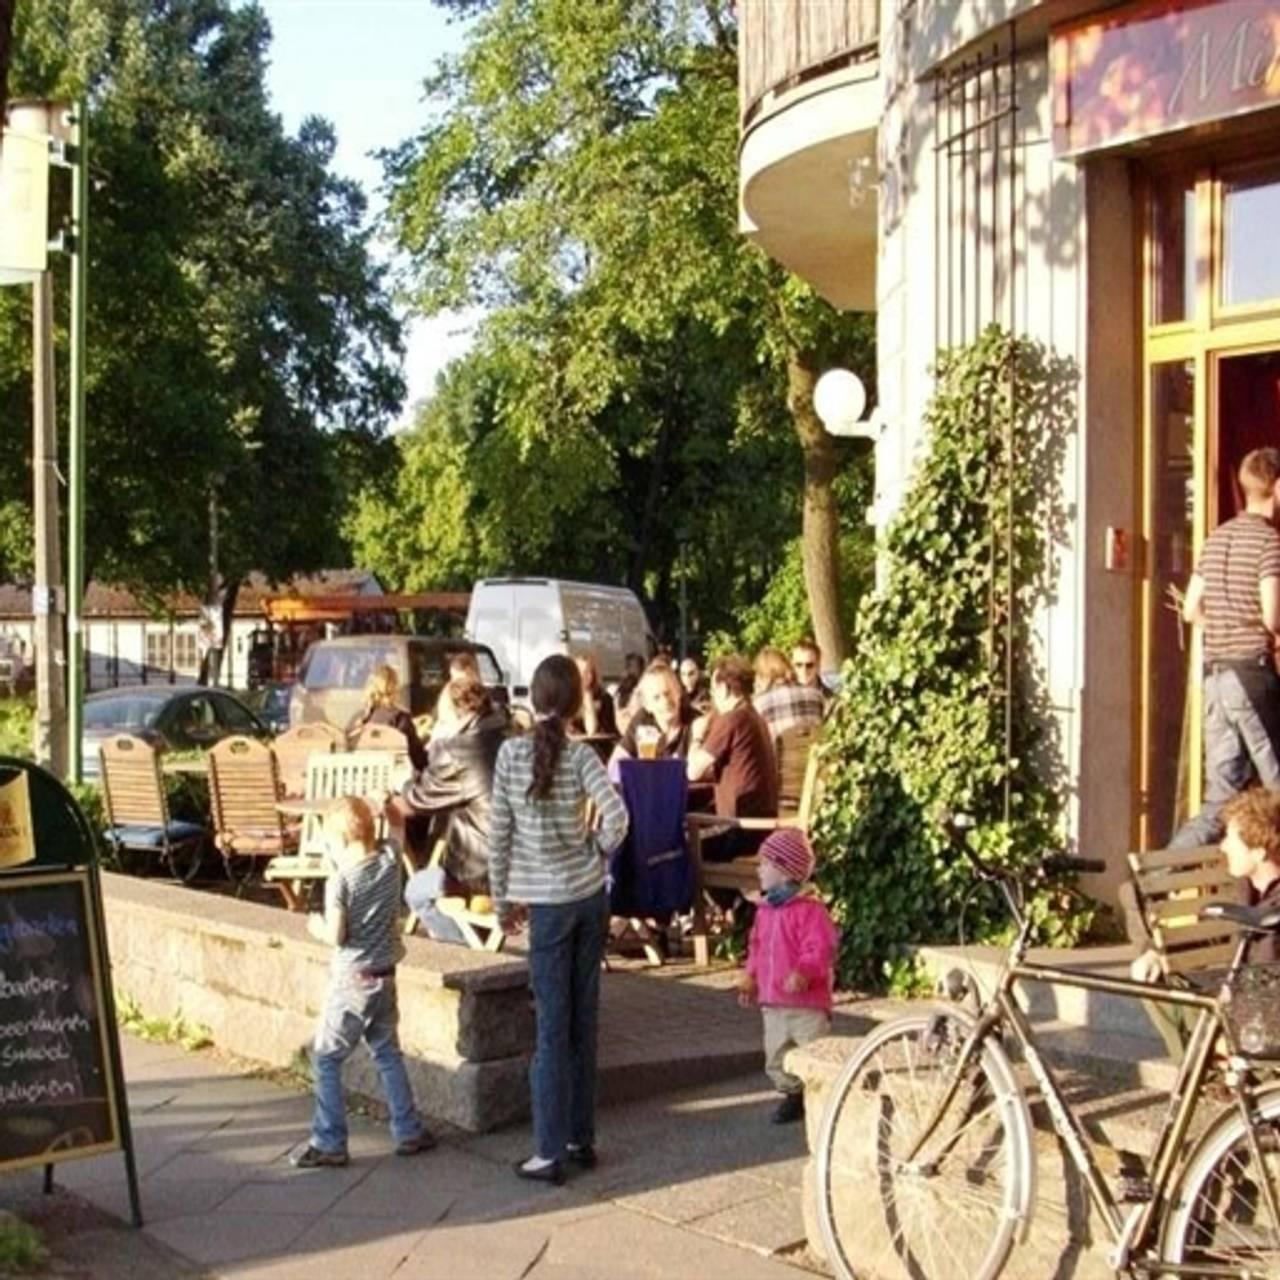 Restaurant Cafe Mirabelle Berlin Opentable